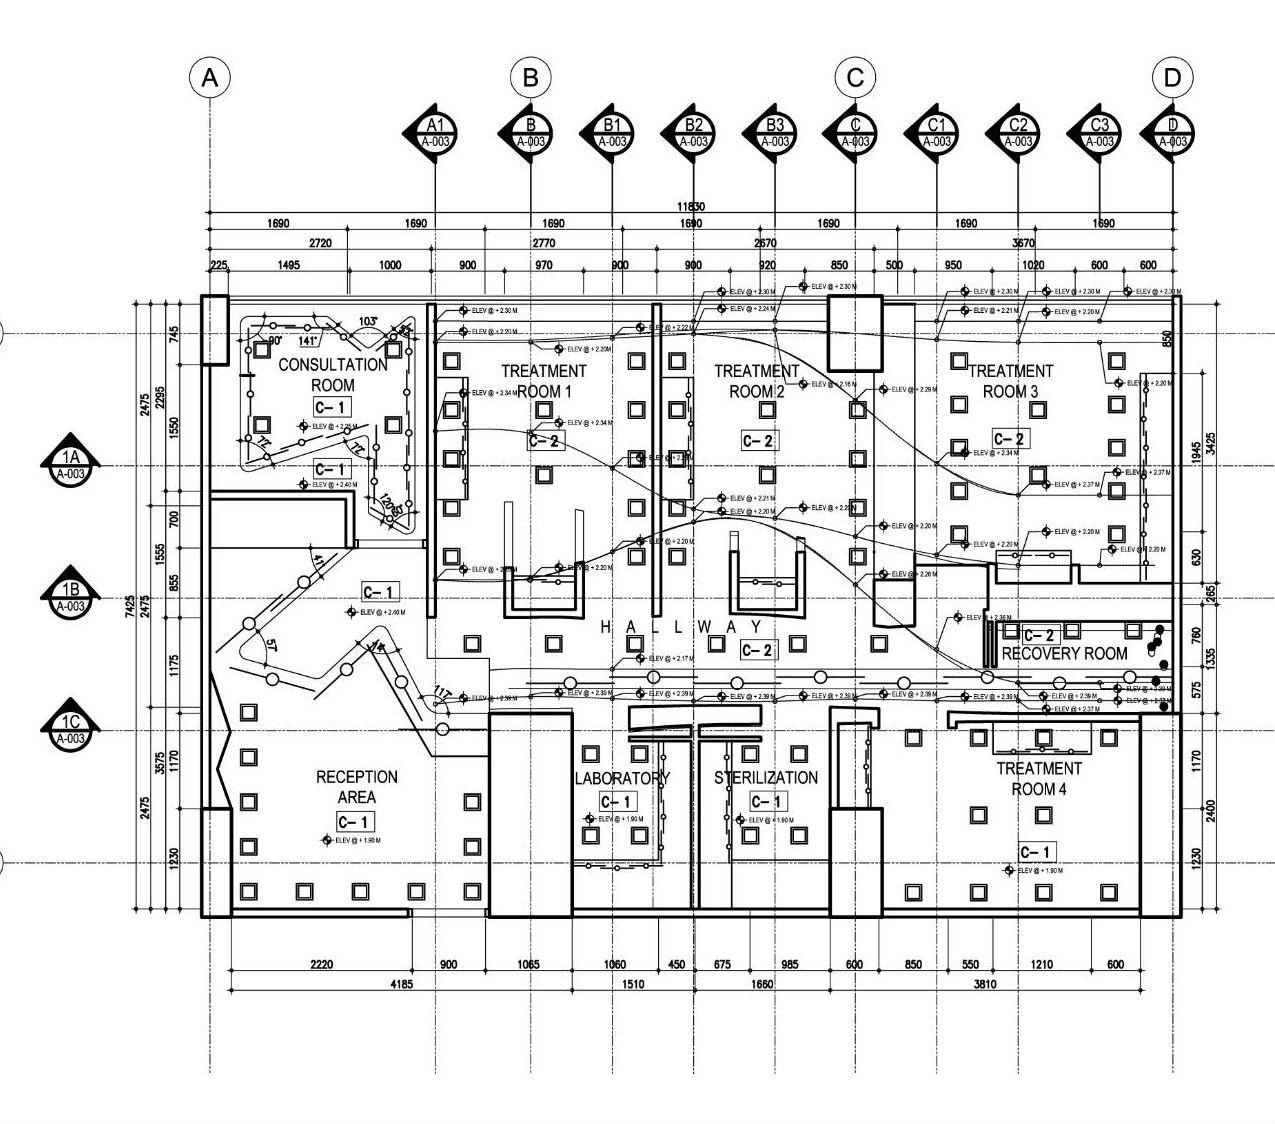 lighting diagram design